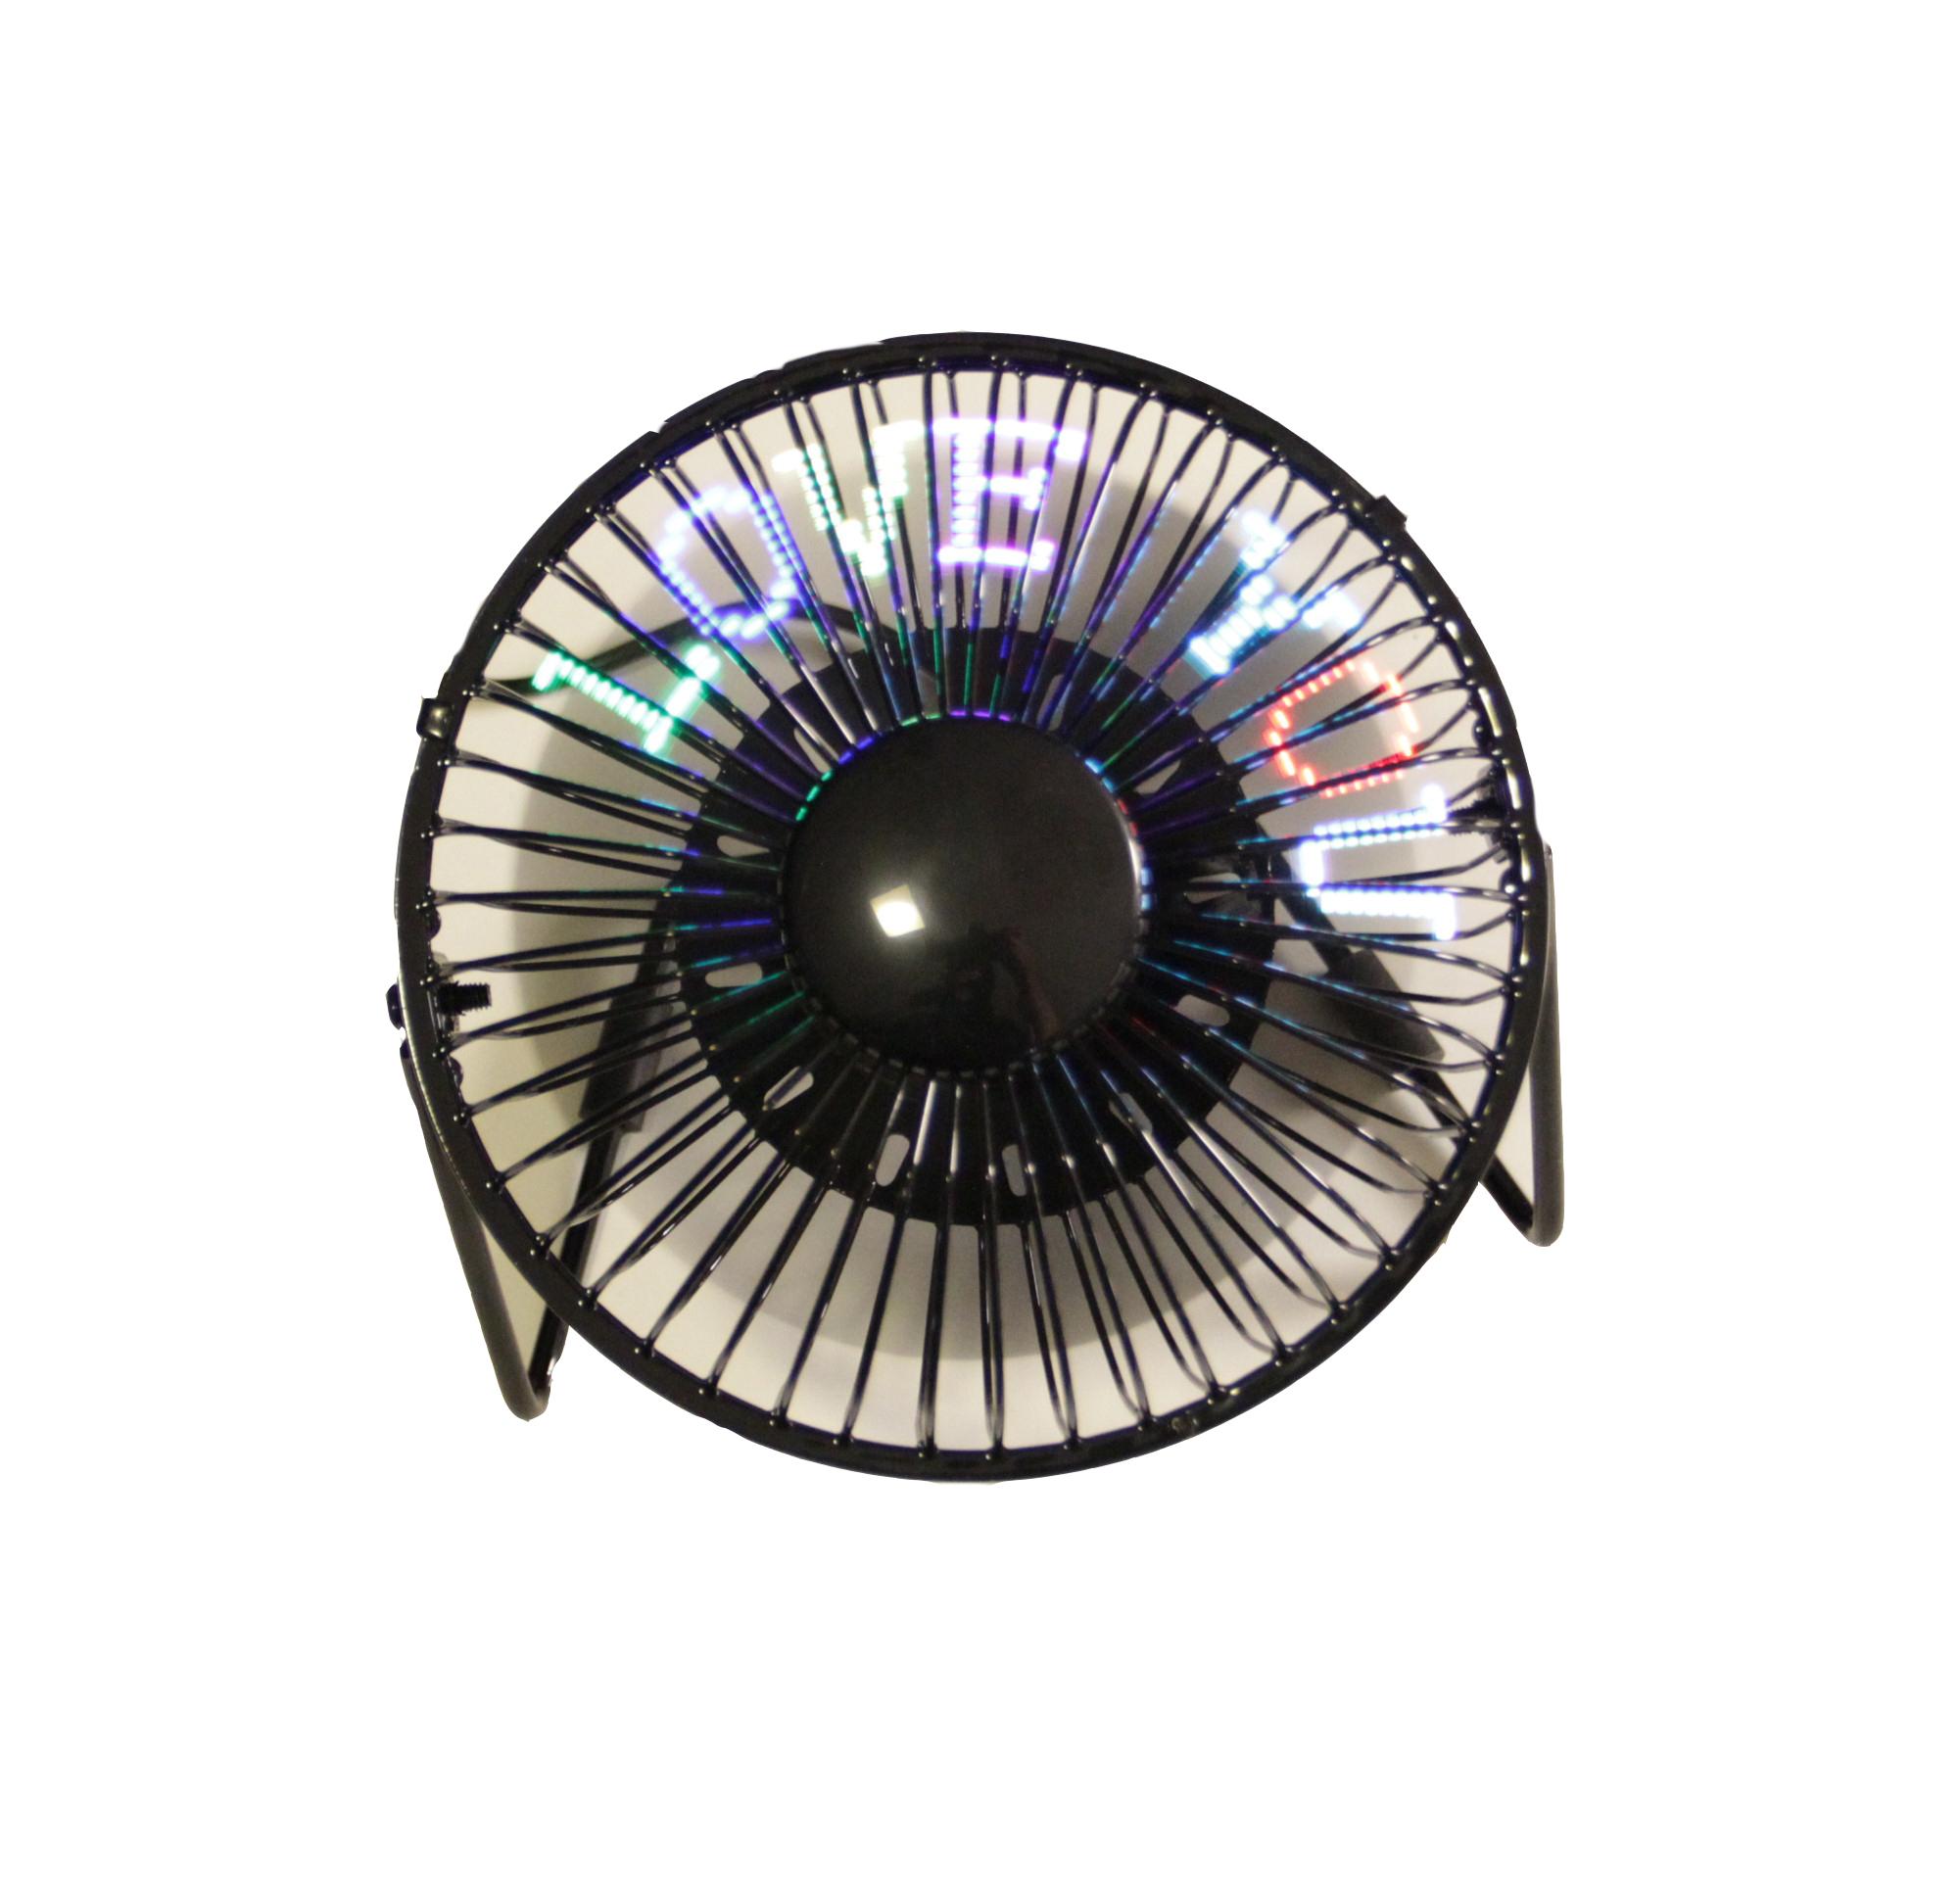 Fanbee Desk Fan With Led Message The Lightbulb Store